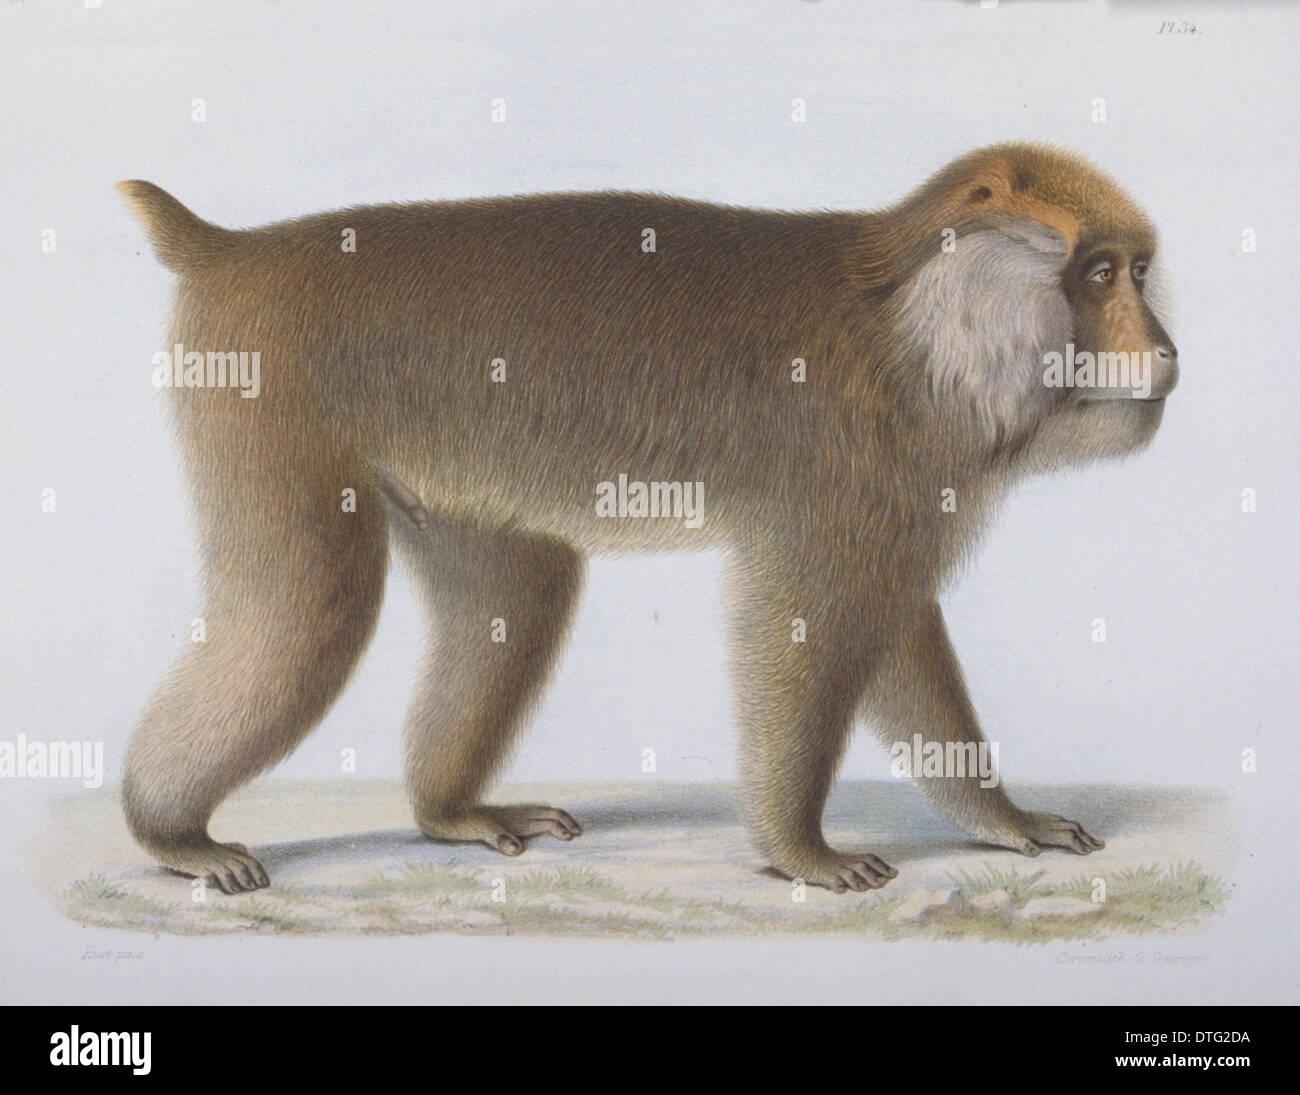 Macaca thibetana, Père David's macaque - Stock Image